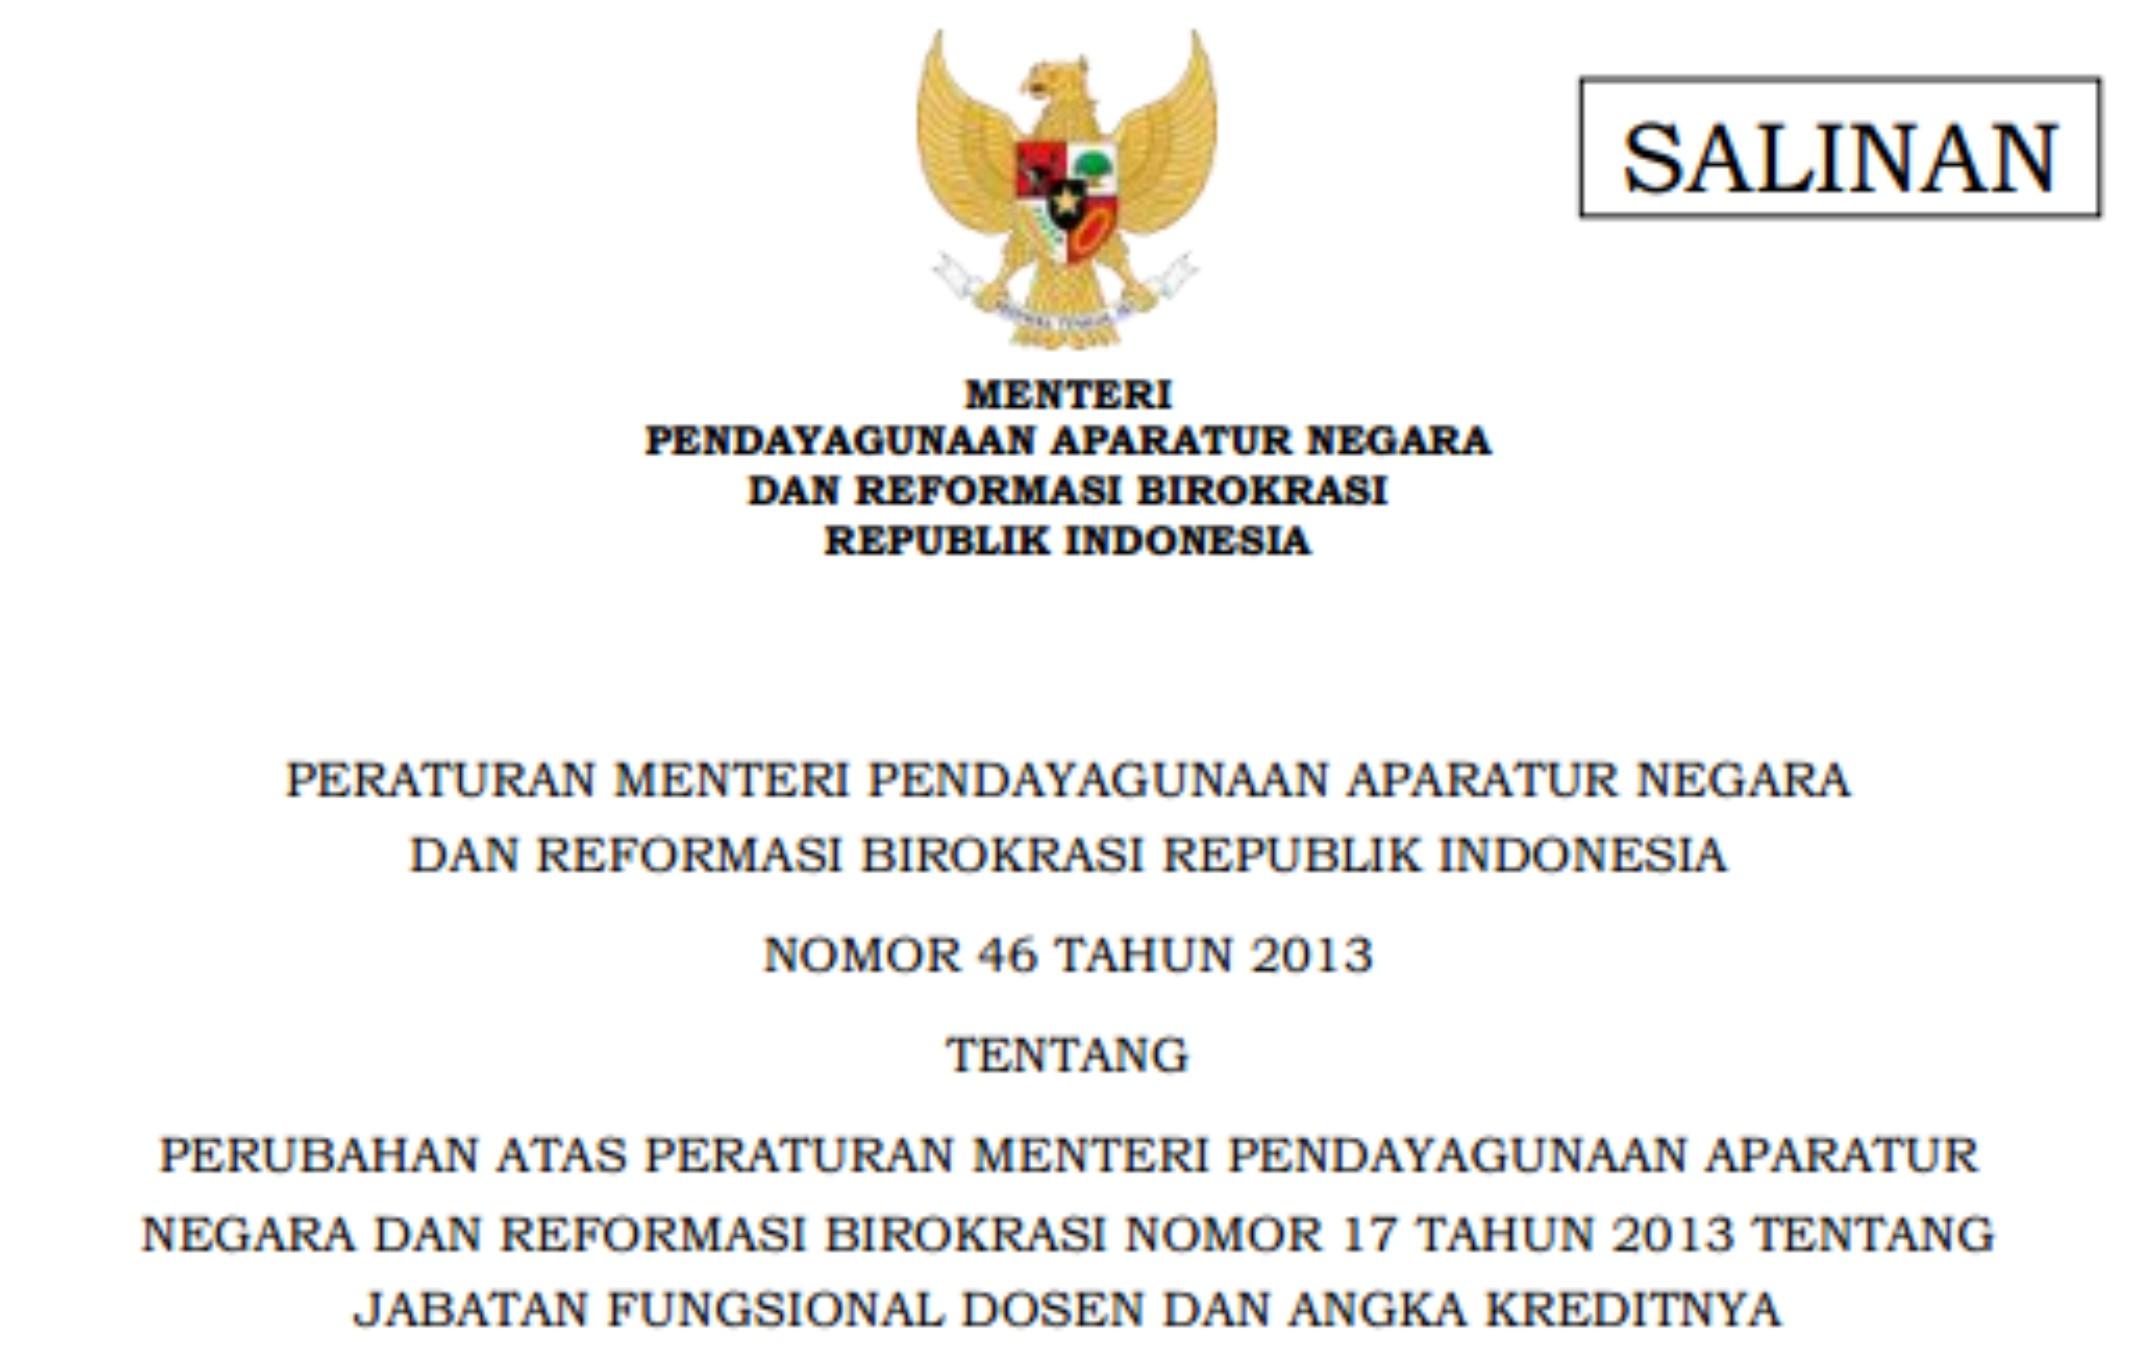 Peraturan Menteri No. 46 Tahun 2013 Tentang Jabatan Fungsional